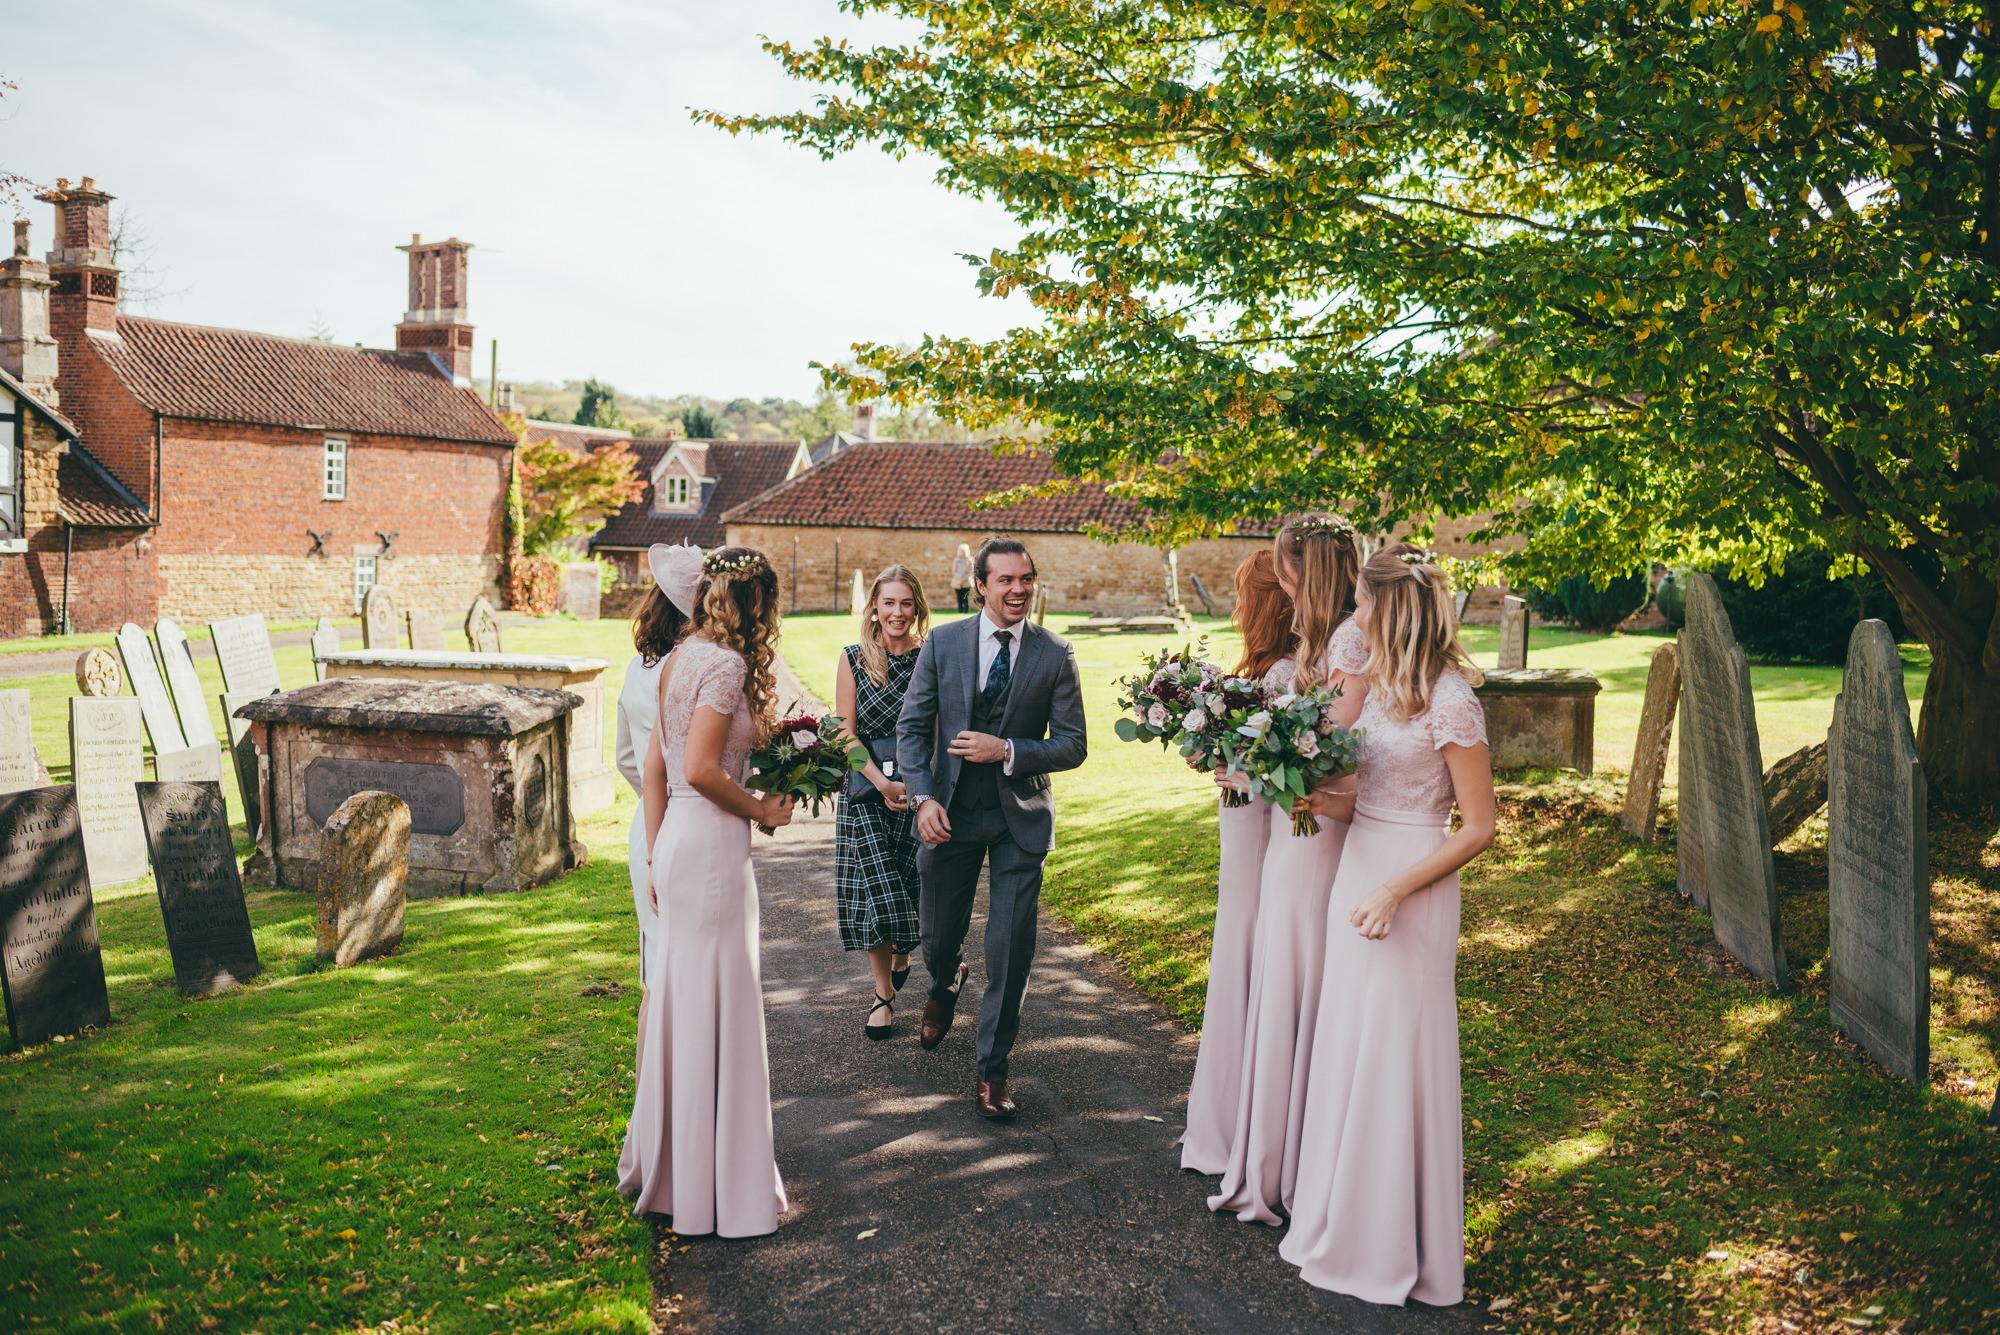 bridesmaids greeting wedding guests